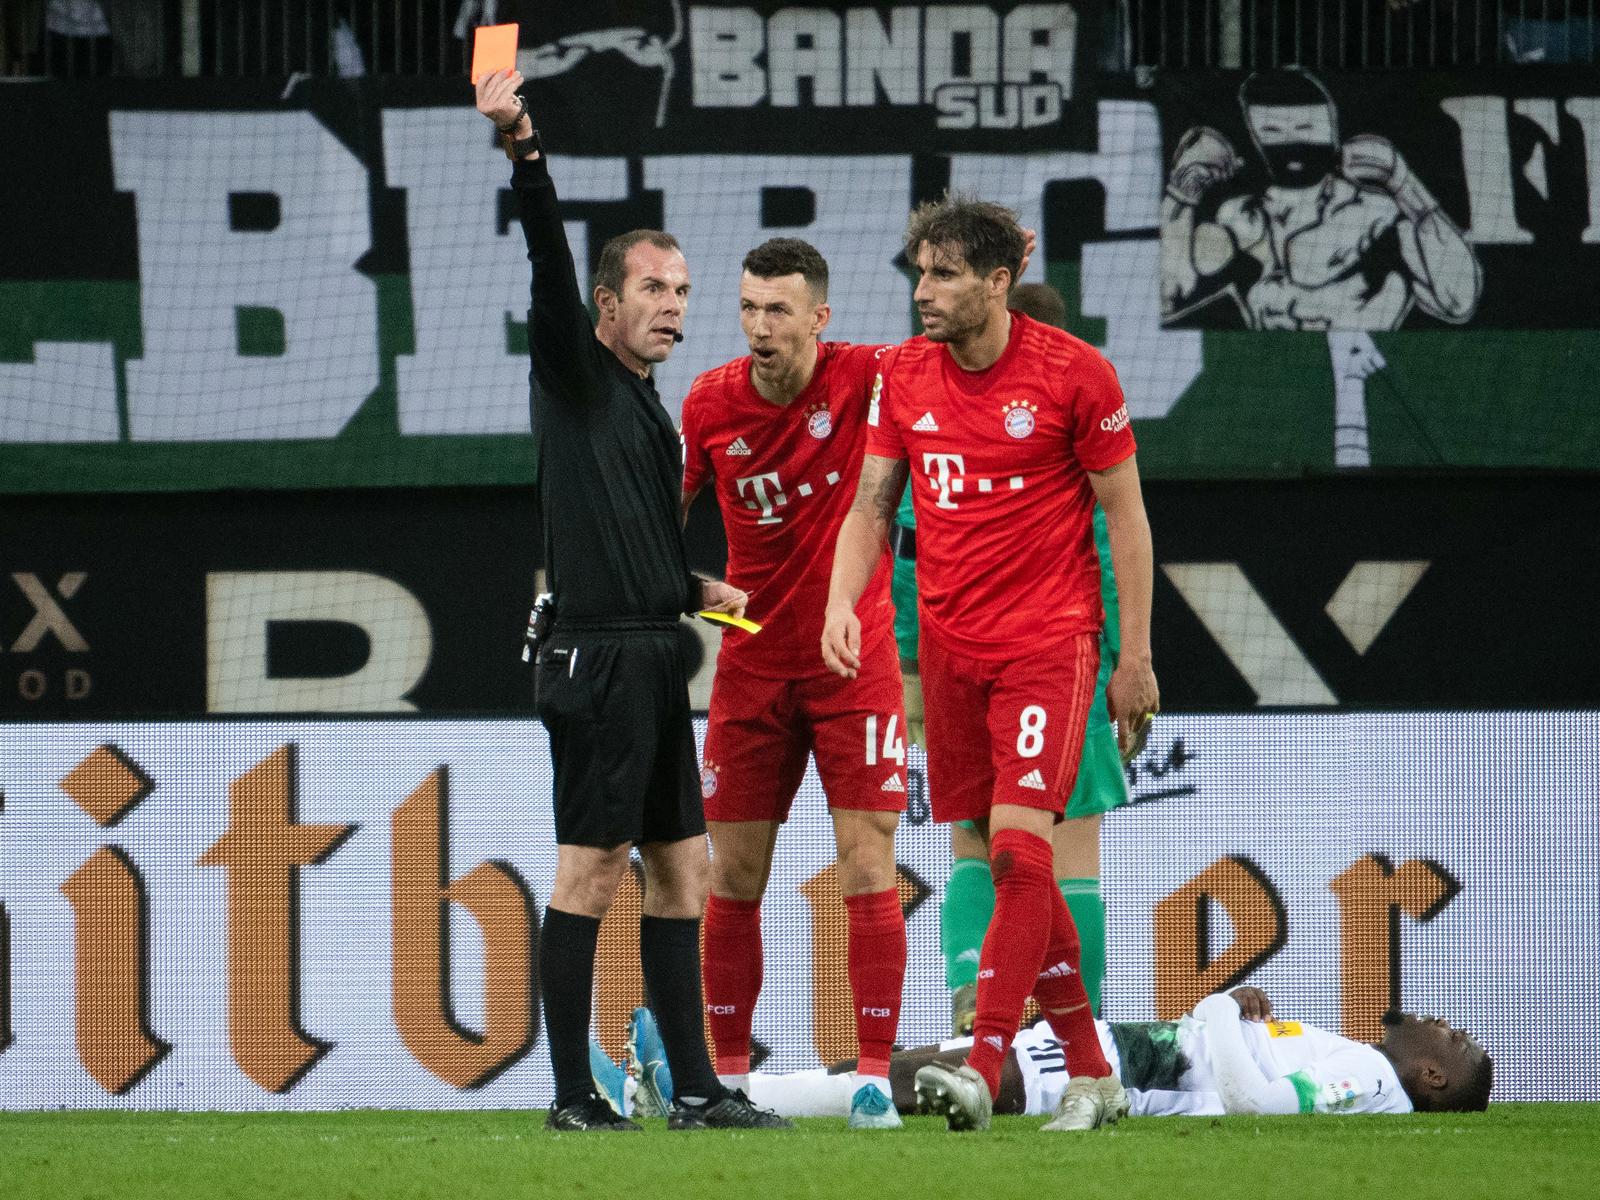 Gibt es in der Bundesliga künftig sehr viel mehr Platzverweise?